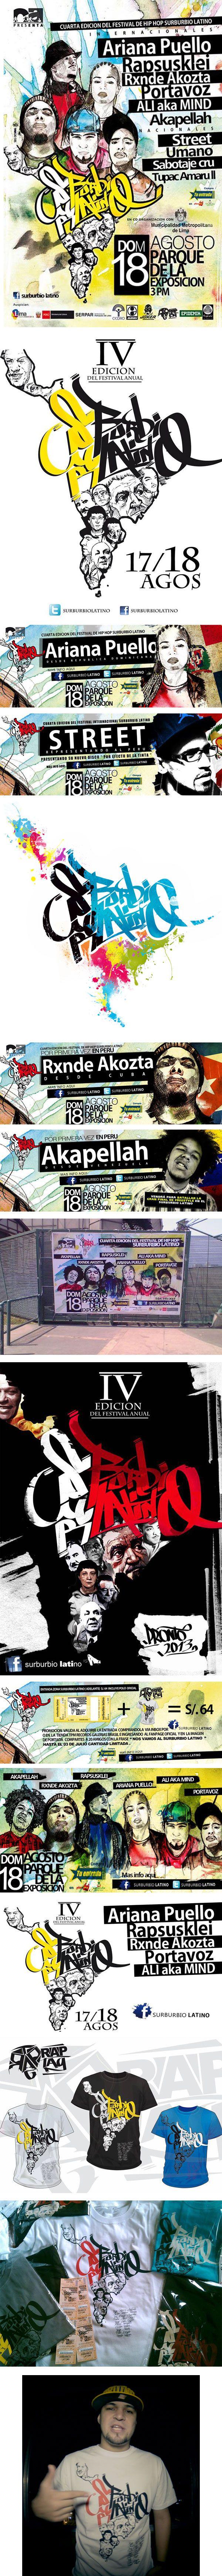 Festival de Hip Hop Suburbio Latino. Elijo este sistema porque me gusta el tratamiento gráfico, me gusta el lenguaje que lograron, combinando dibujo gestual, fotografía monocromática, acuarela y una tipografía de palo seco. Se puede ver la cultura hip-hop en las piezas. Sólo veo, a mi parecer, que en unas piezas no encajan unos textos con tipografía serif. http://www.limacultura.pe/promocion/noticias/2013-08-05/festival-internacional-de-hip-hop-surburbio-latino